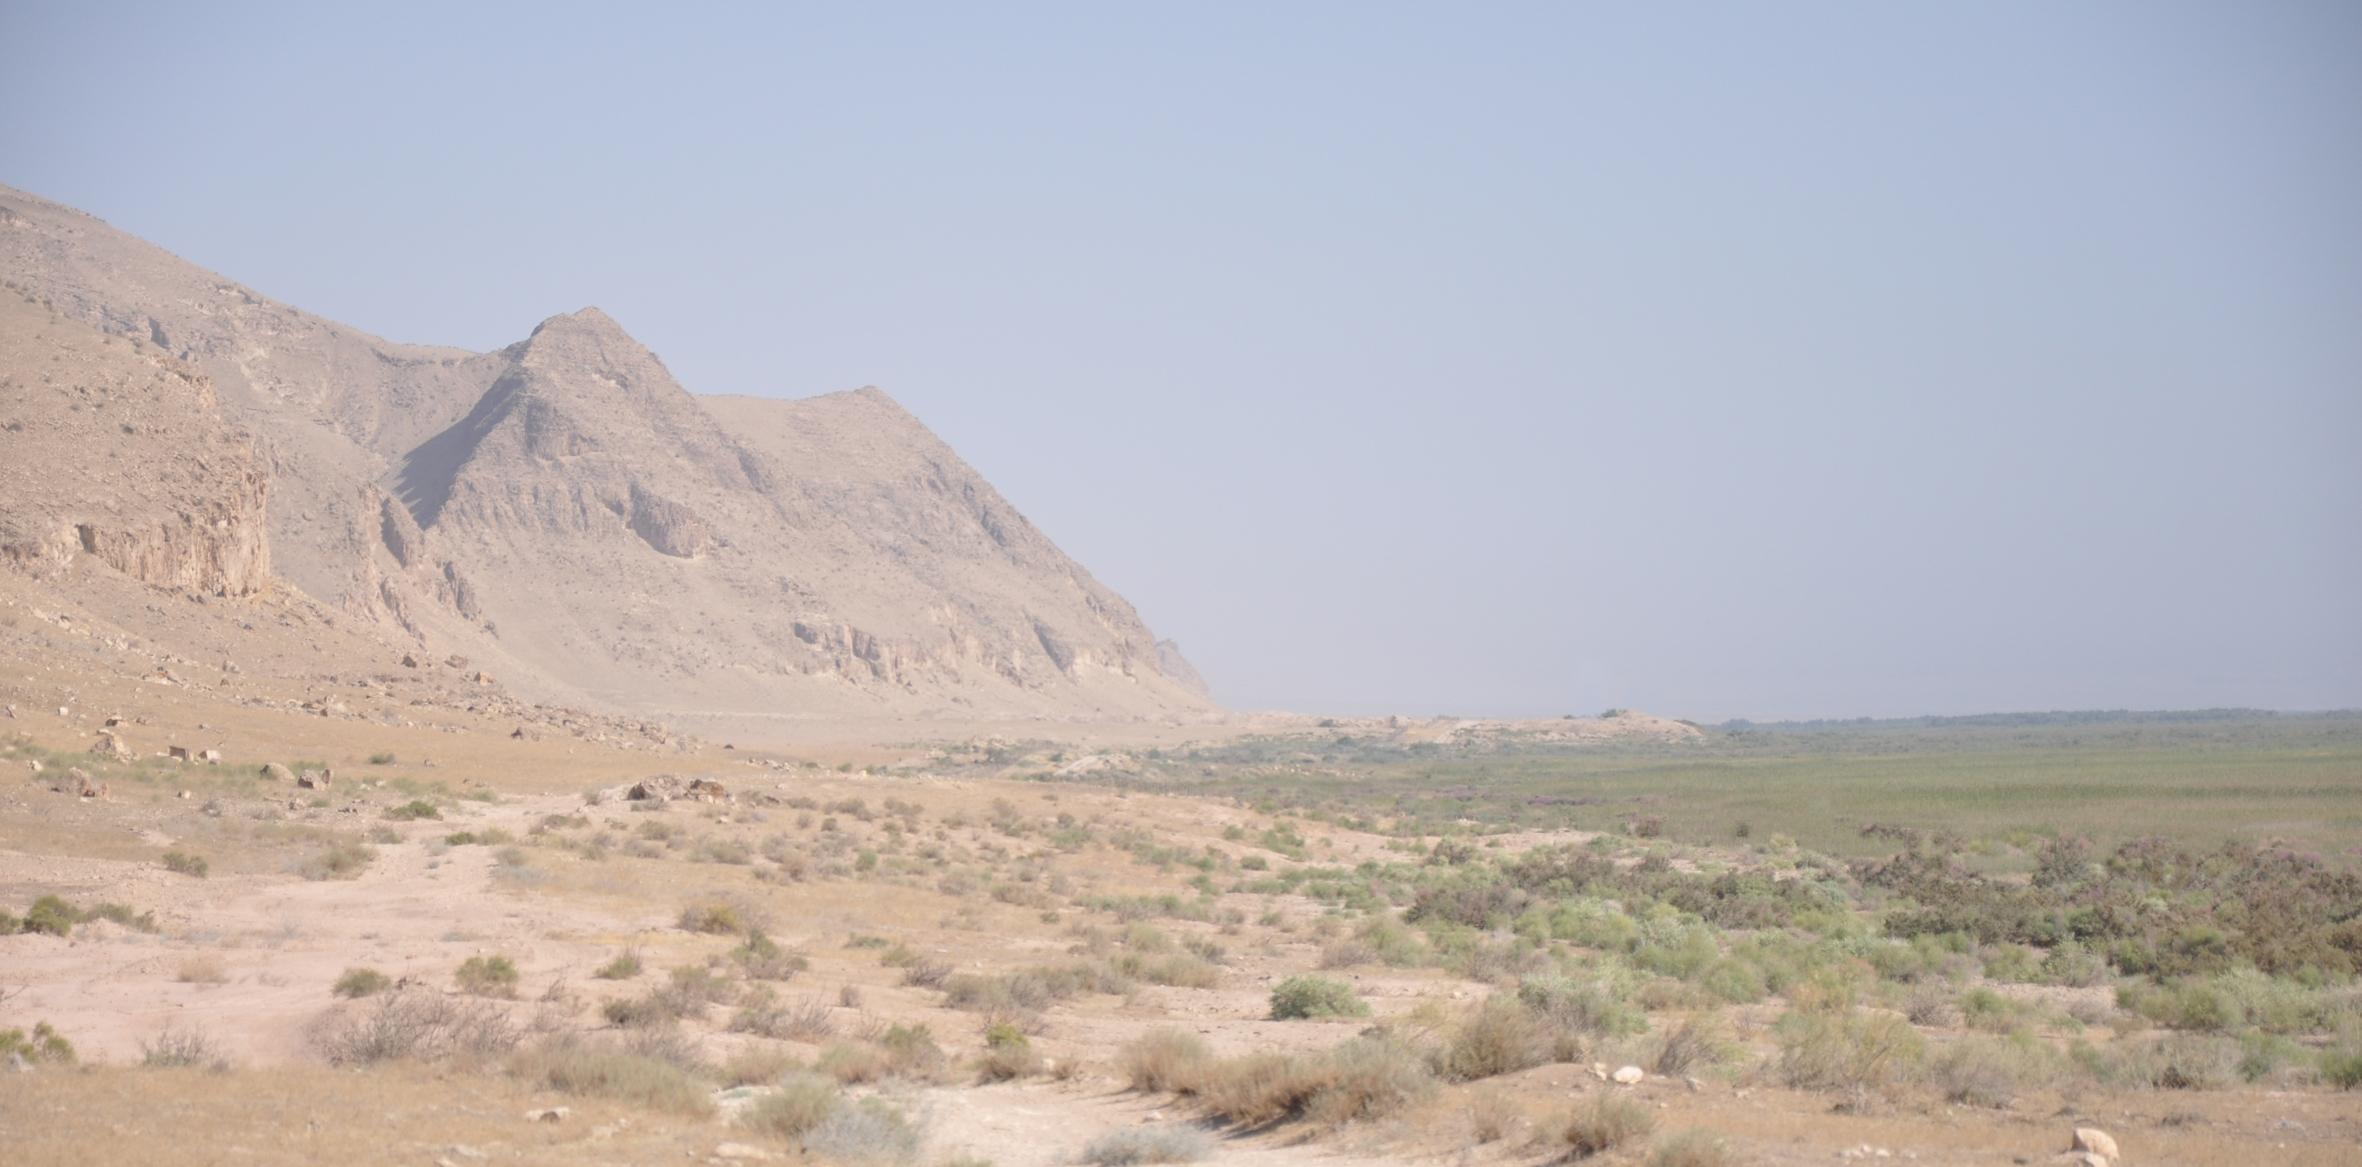 La citadelle de Takh-i Sangin qui s'avance vers l'Amou Darya, vue vers l'est. Photo © M. Gelin.